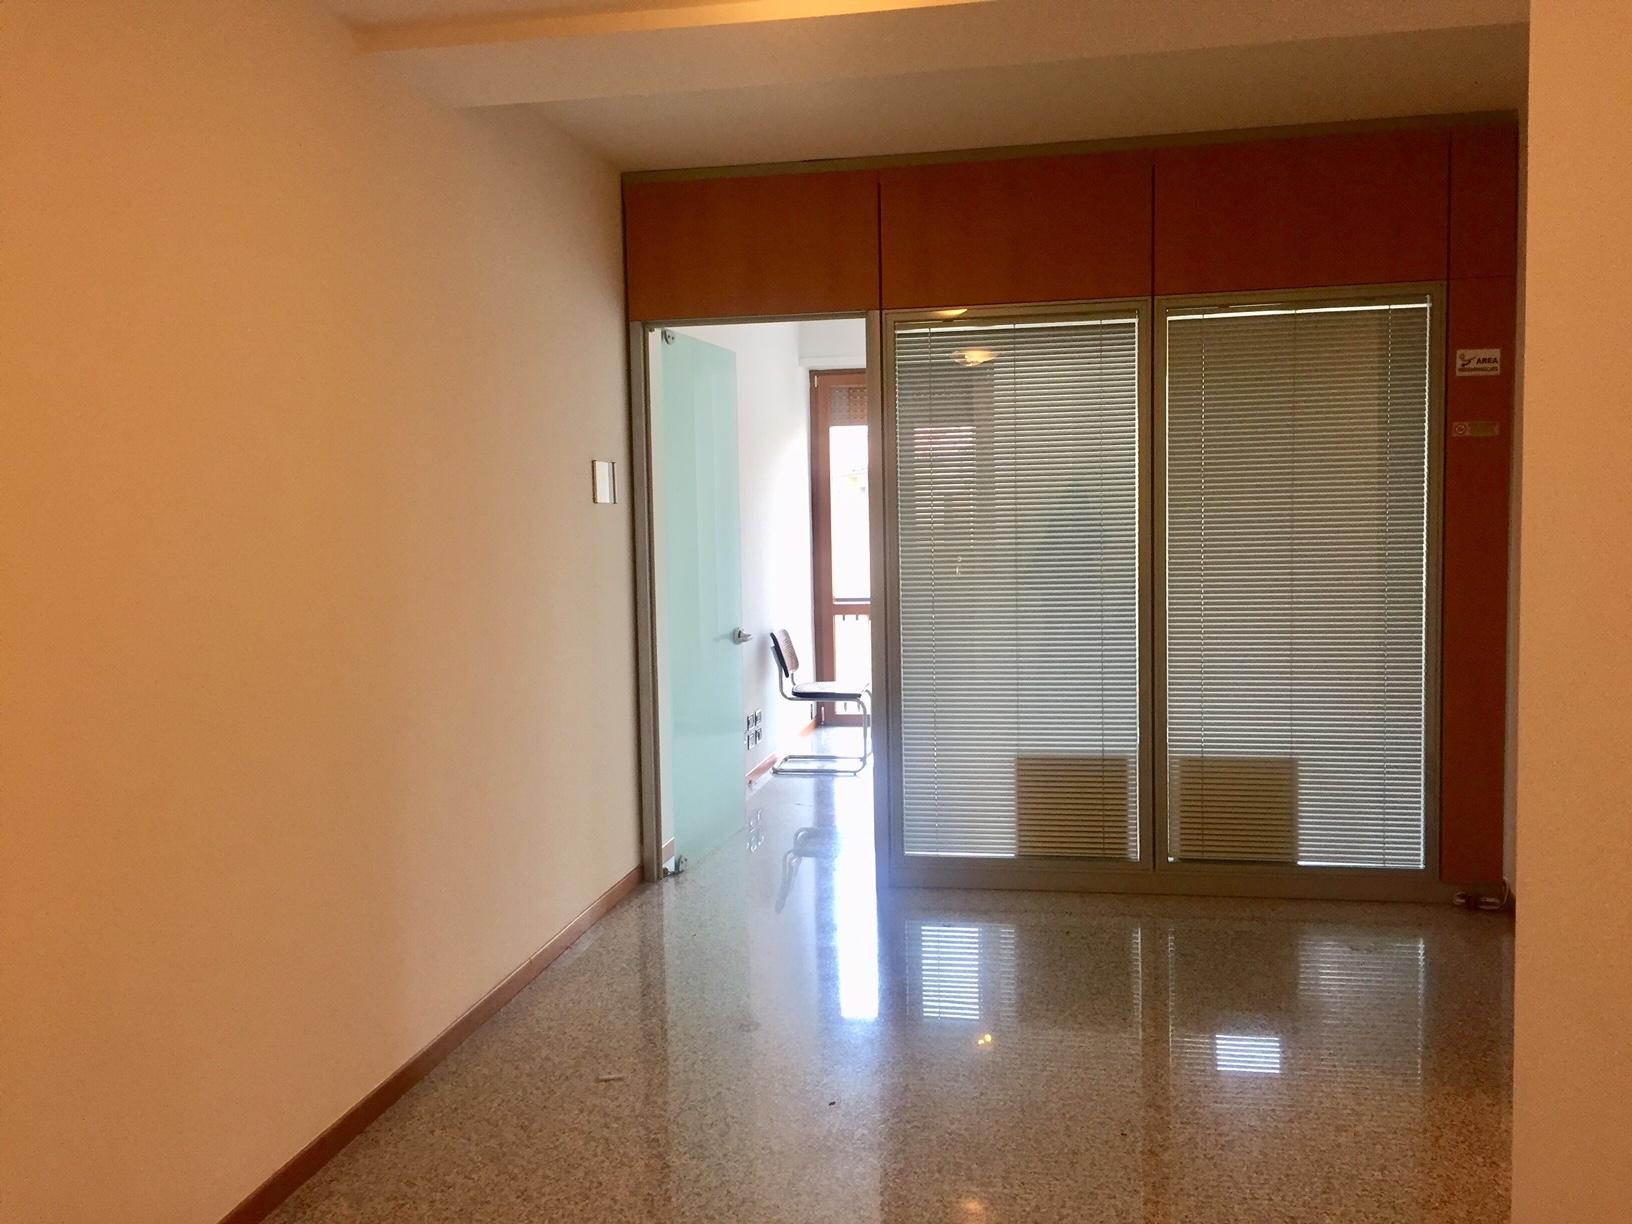 Ufficio / Studio in affitto a Treviso, 9999 locali, zona Località: Centrostorico, prezzo € 1.400 | CambioCasa.it